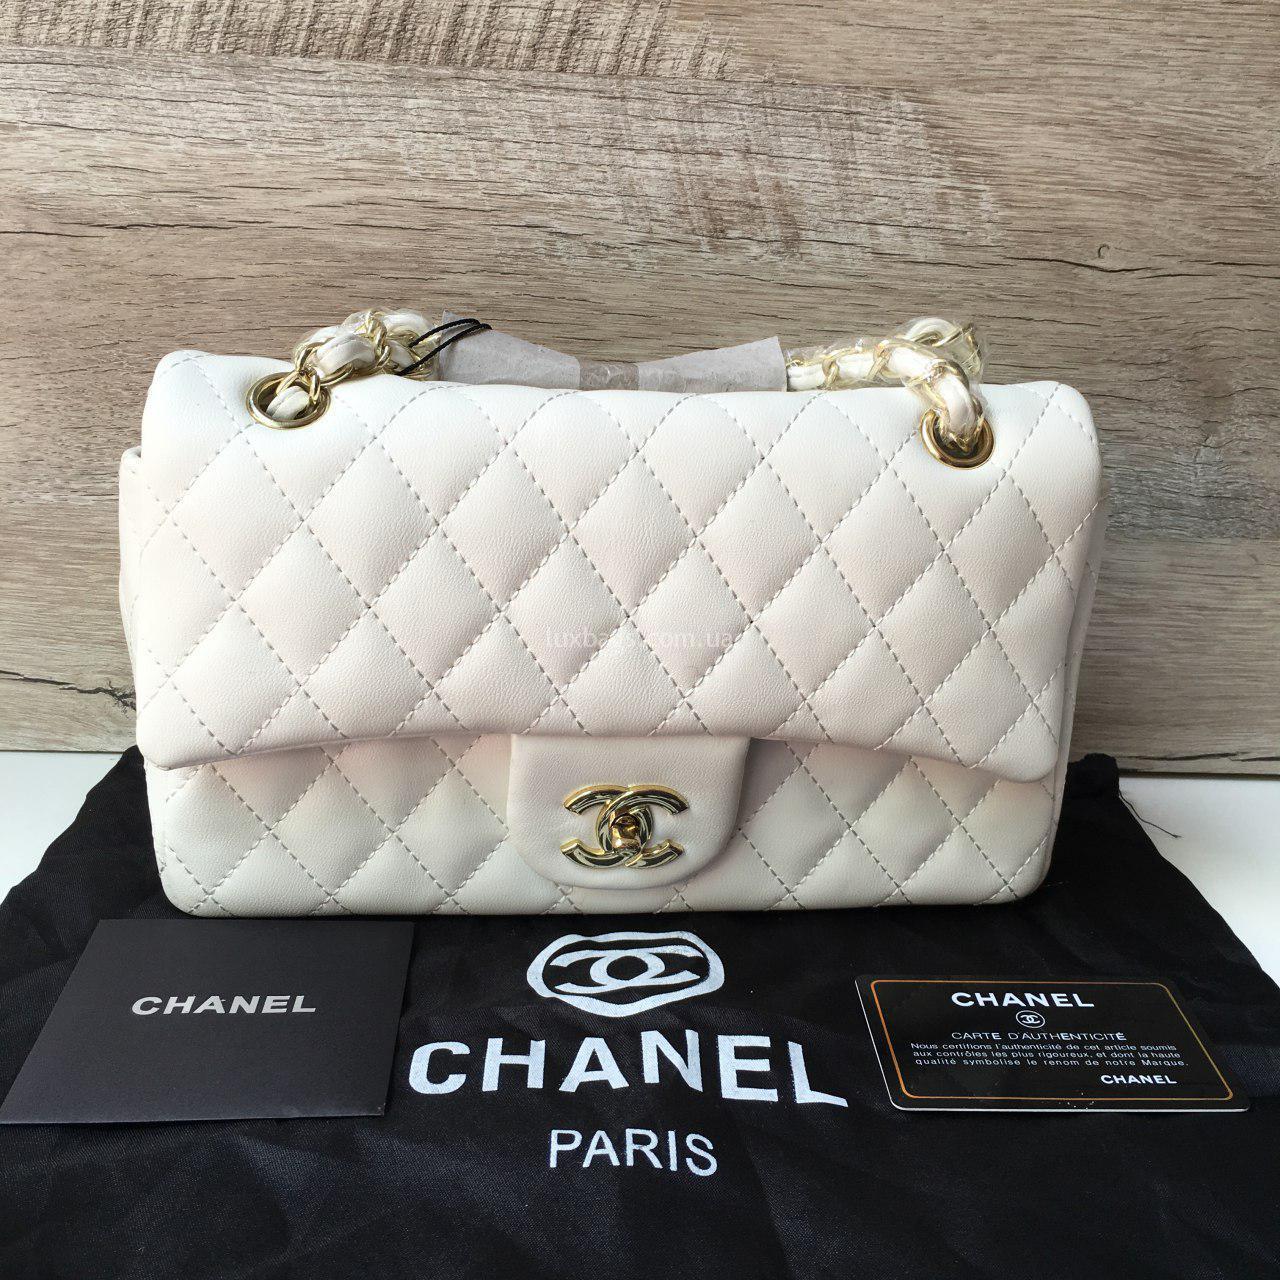 9886afe8026f Женская сумка Chanel (Шанель) купить на lux-bags